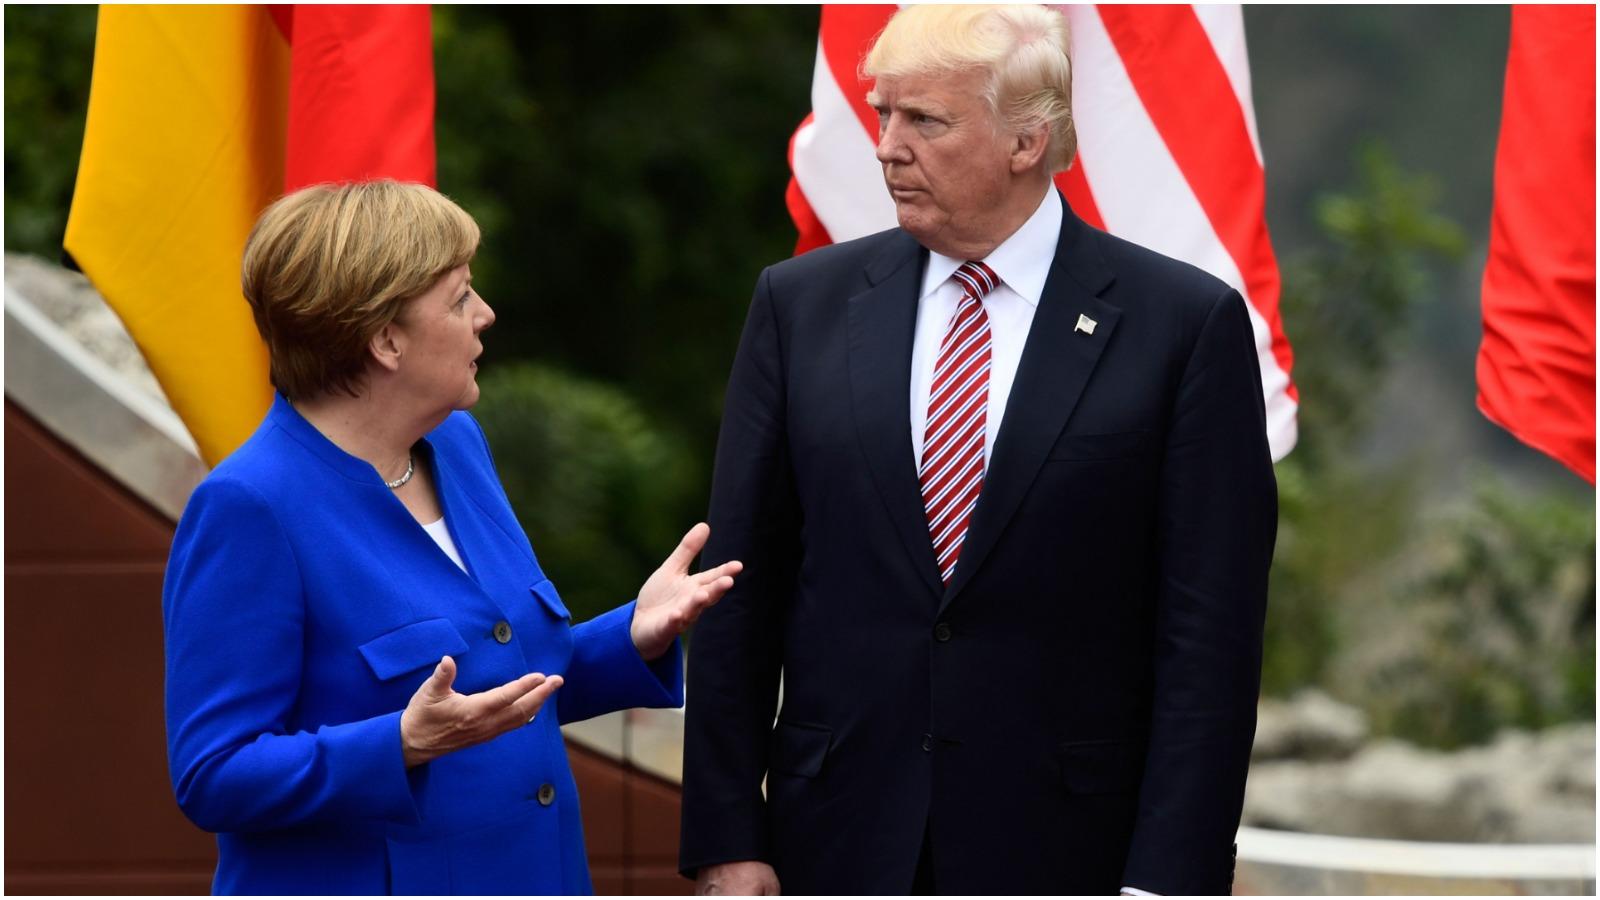 Uffe Østergaard om Europas fremtid: Der er ikke meget, der tyder på, at Europa har en fremtid på den magtpolitiske bane